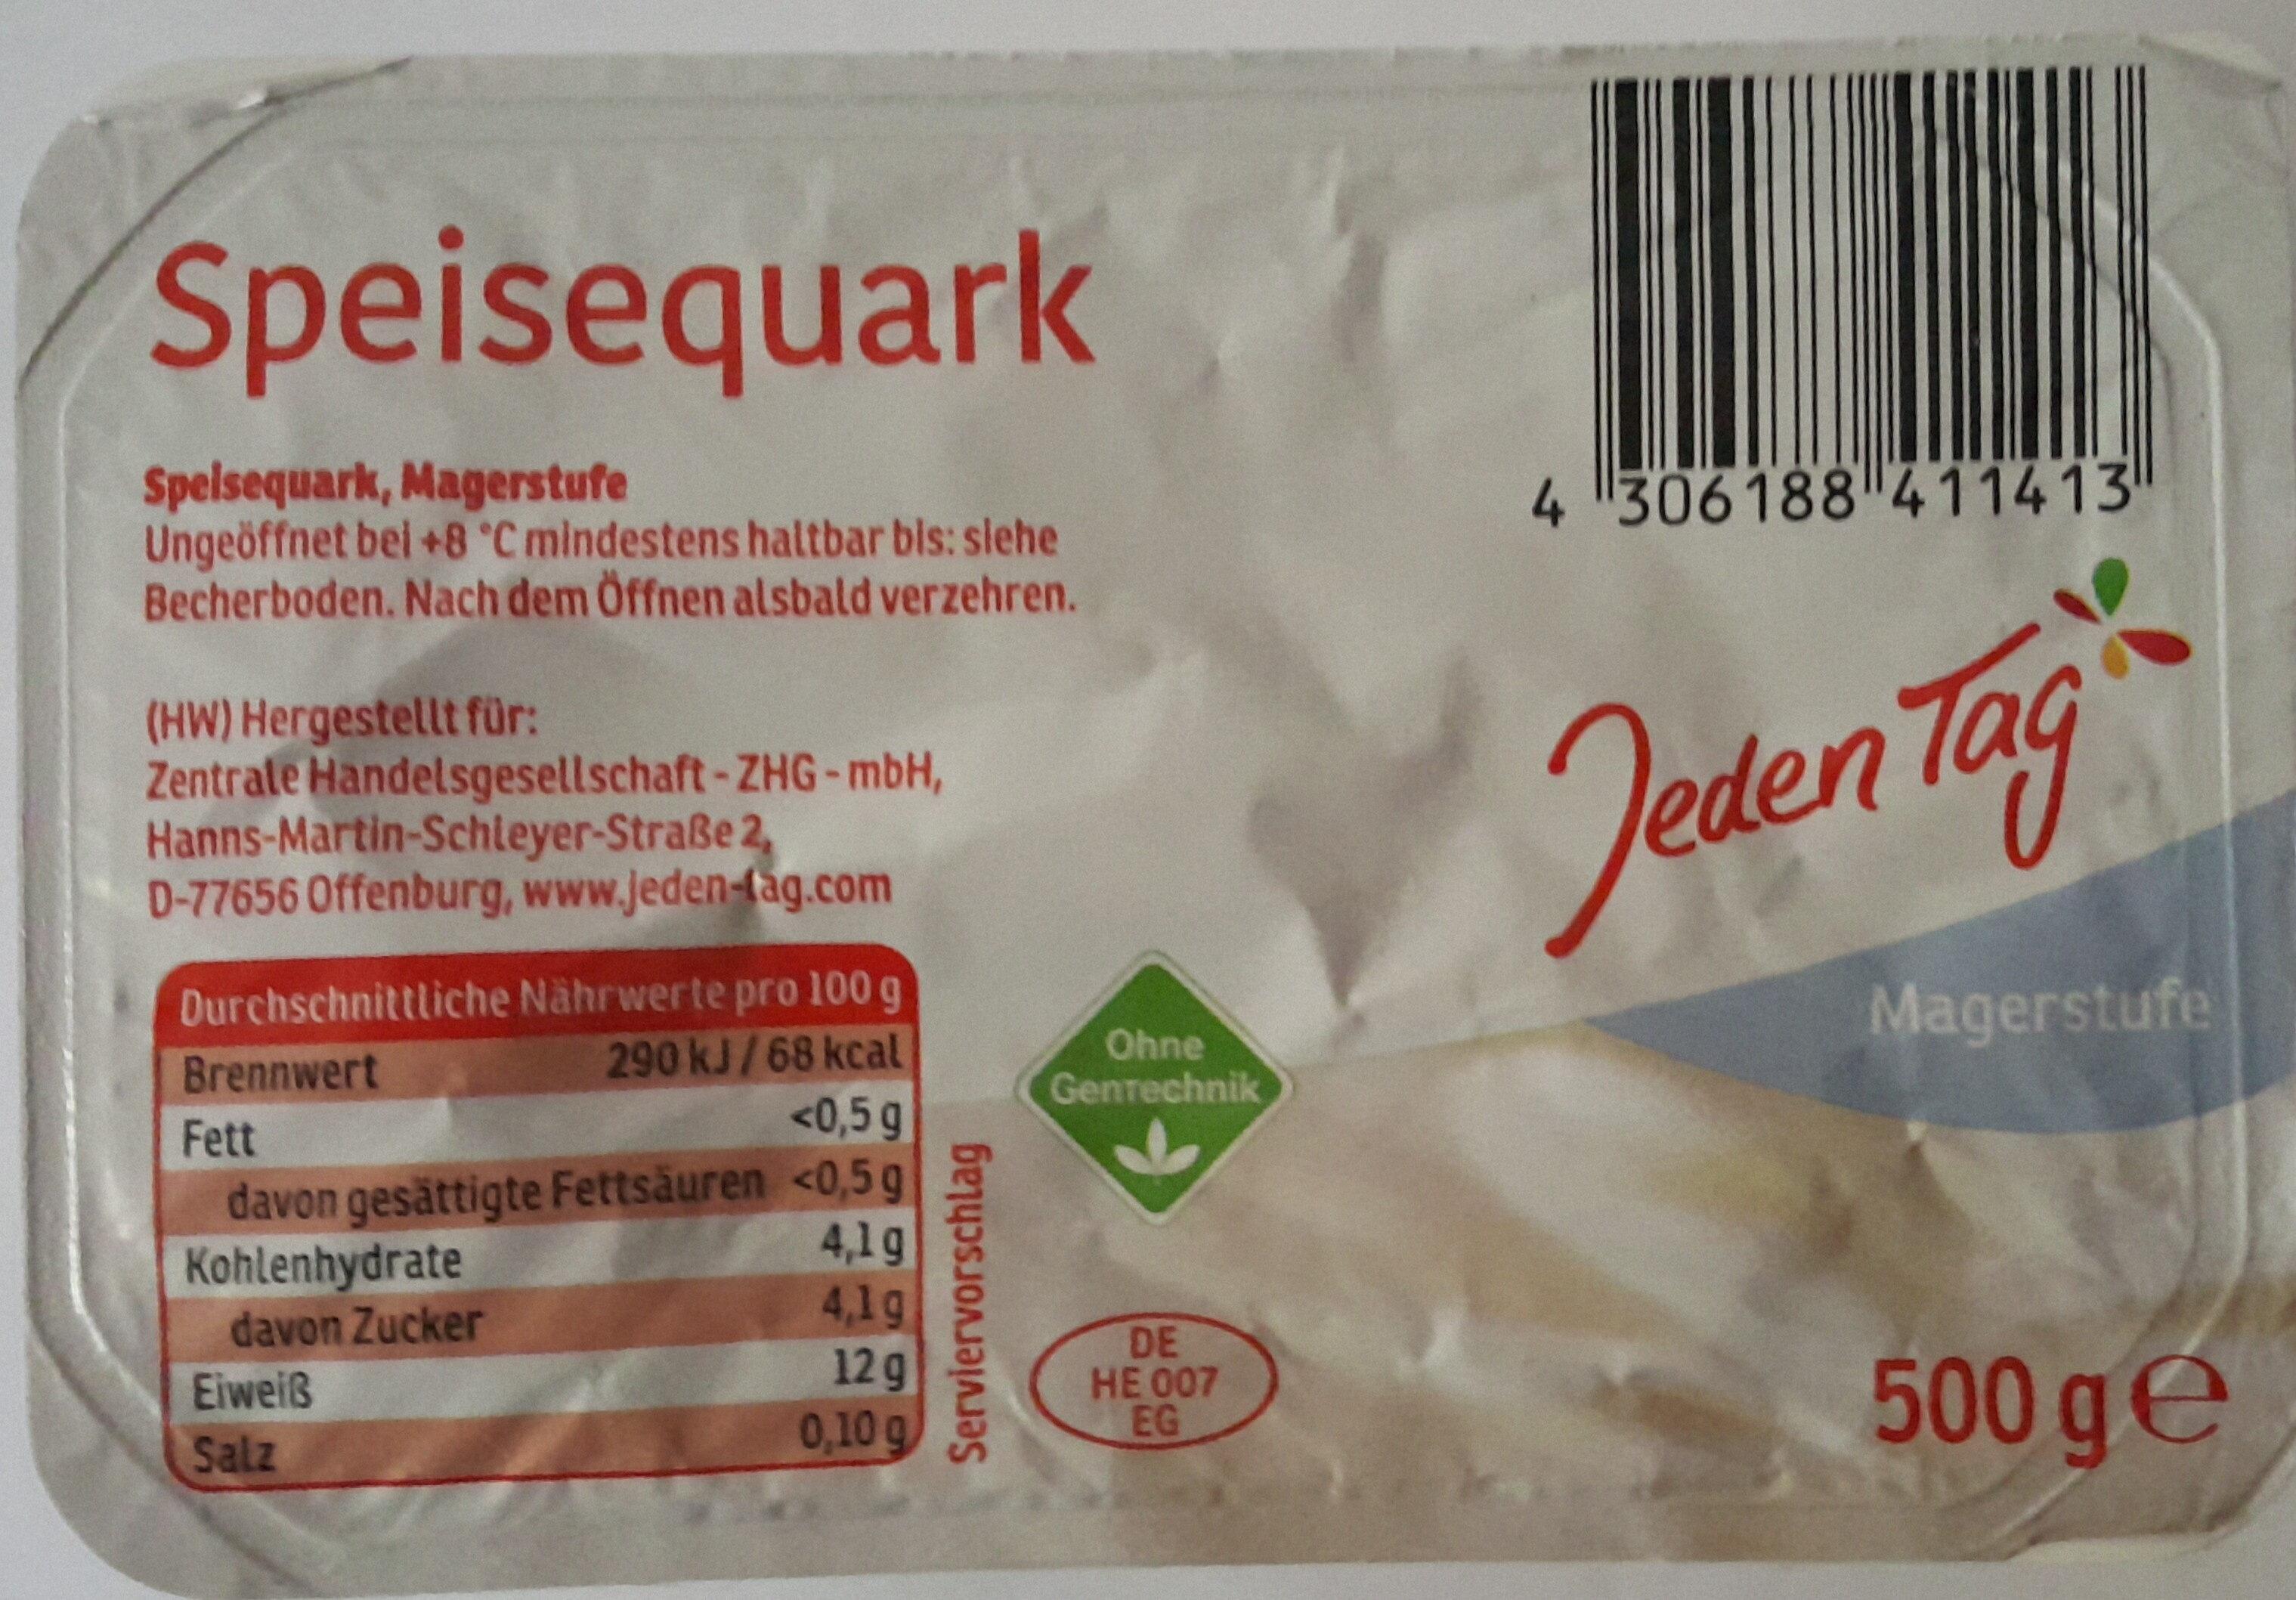 Speisequark, Magerstufe - Product